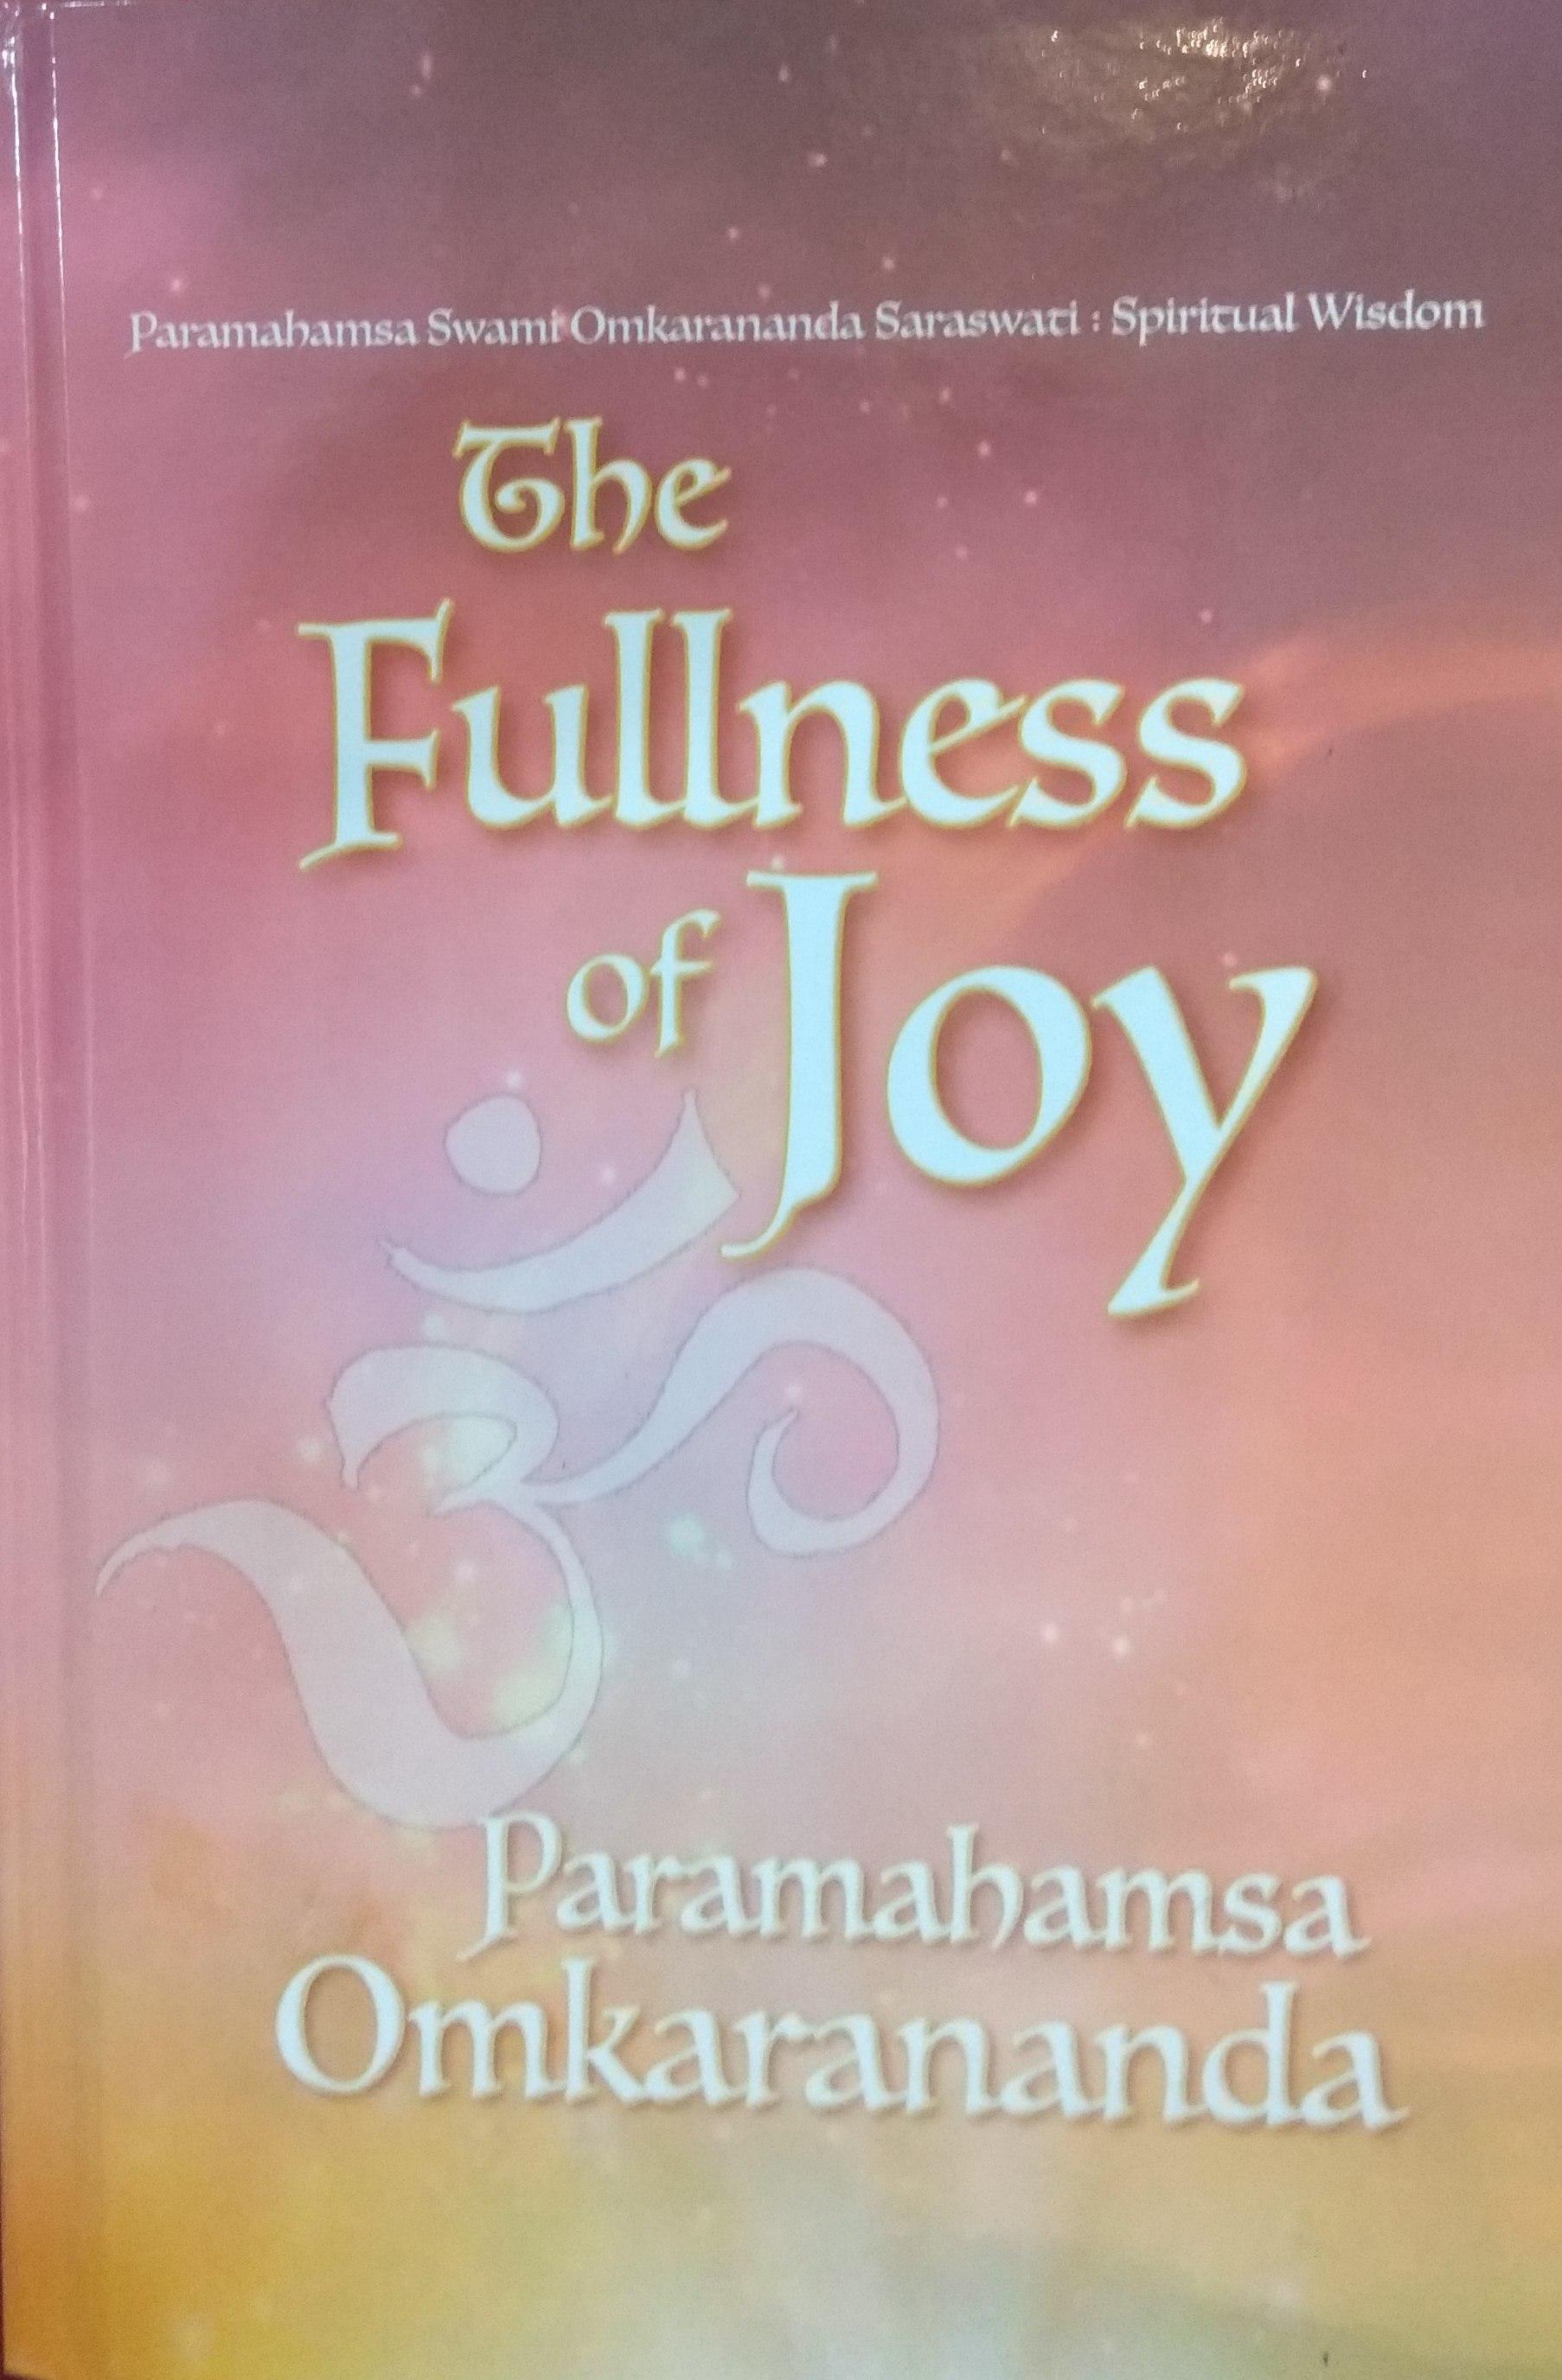 The Fullness of Joy (Paramahamsa Omkarananda Saras…